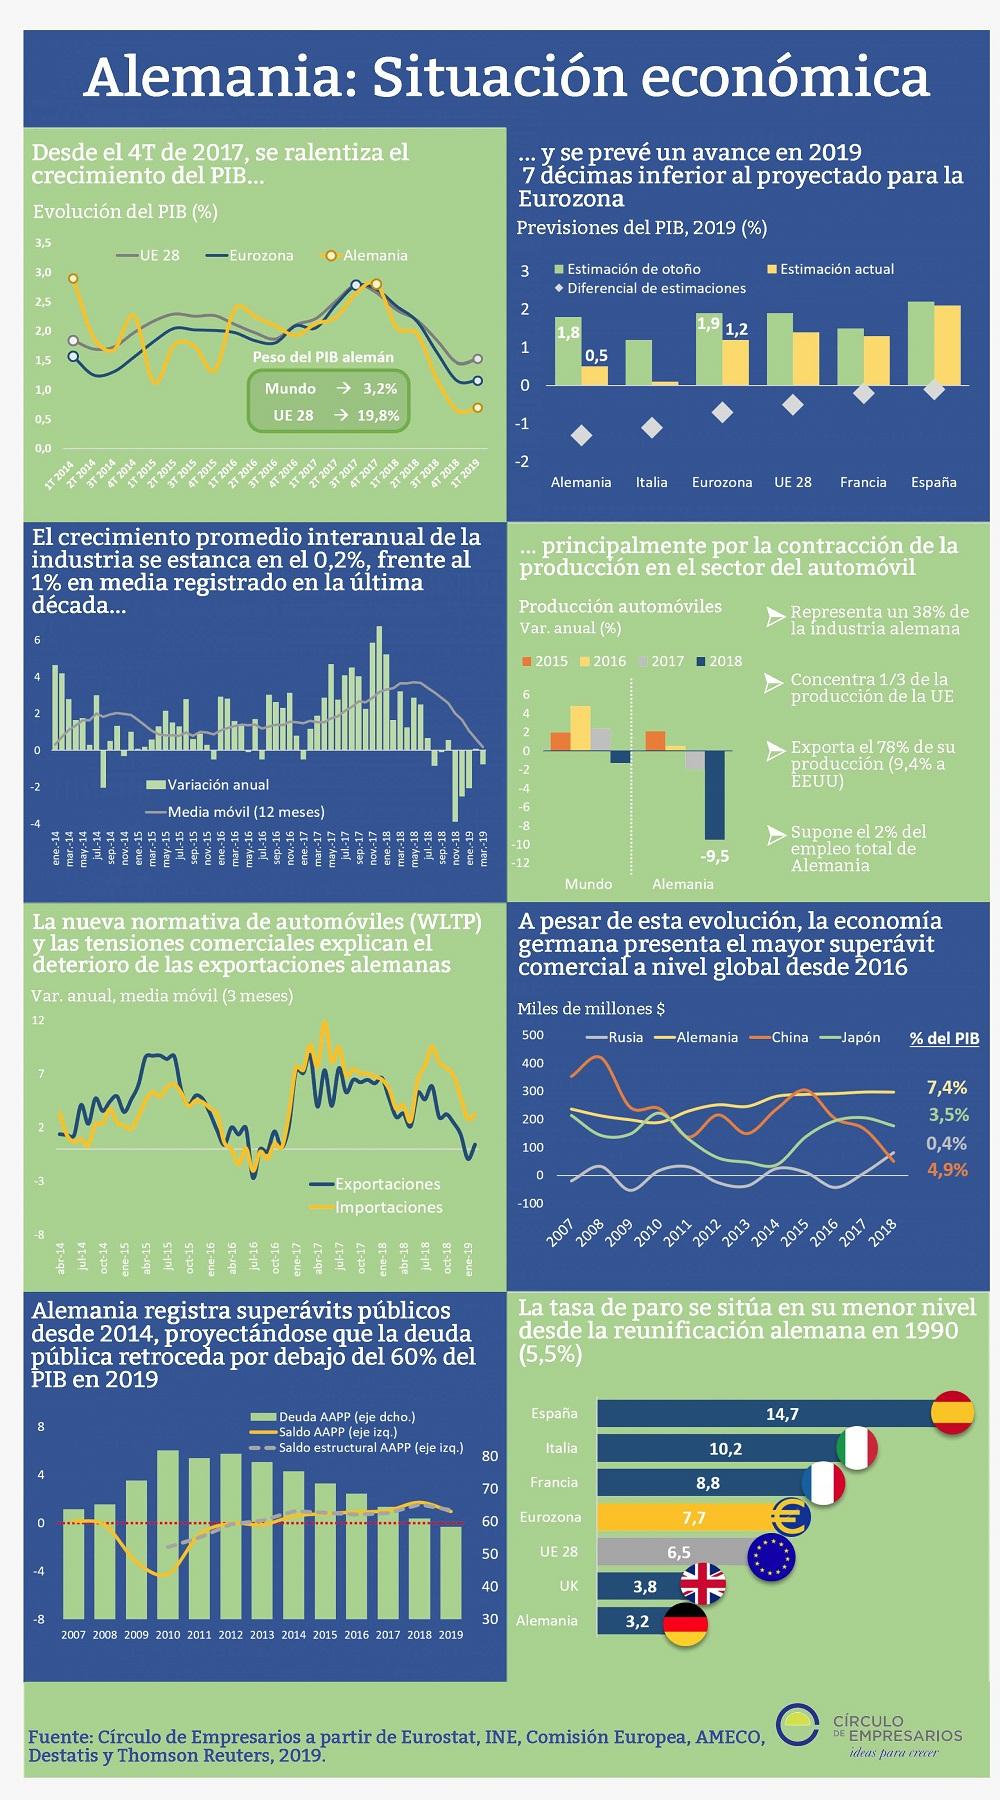 Alemania: Situación económica infografía Círculo de Empresarios Mayo 2019